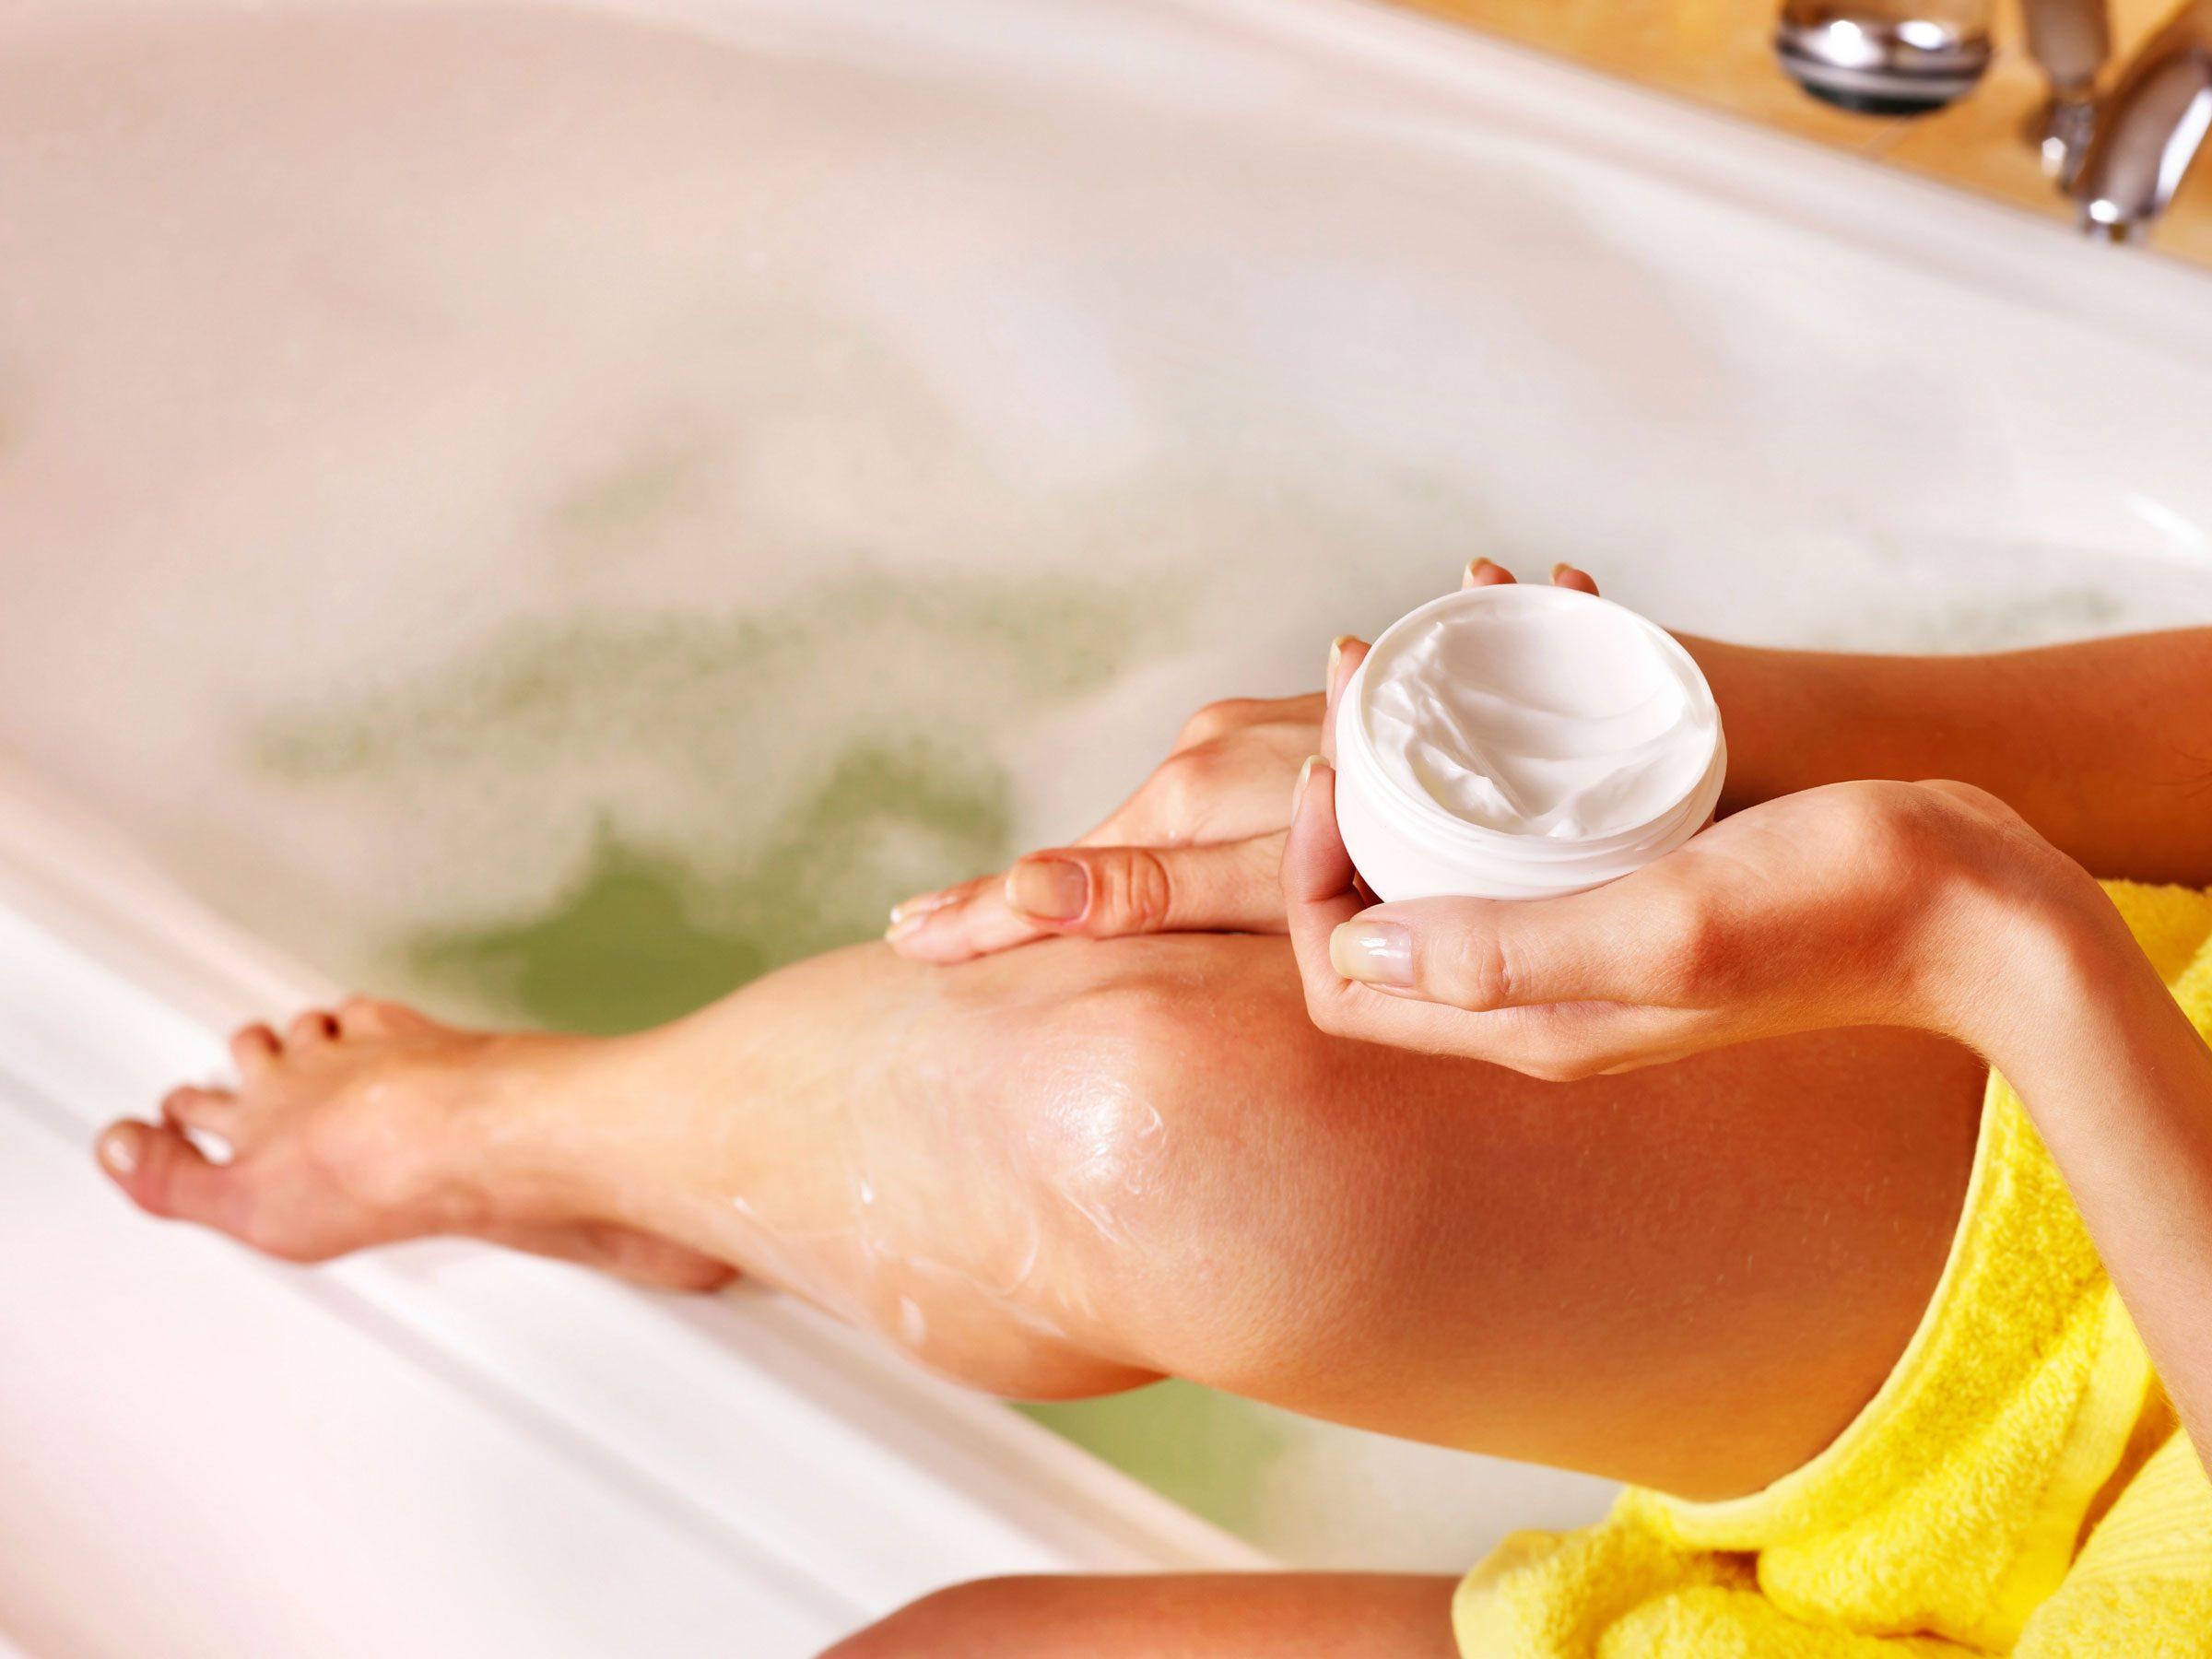 Appliquez la crème hydratante sur votre peau juste après la douche.